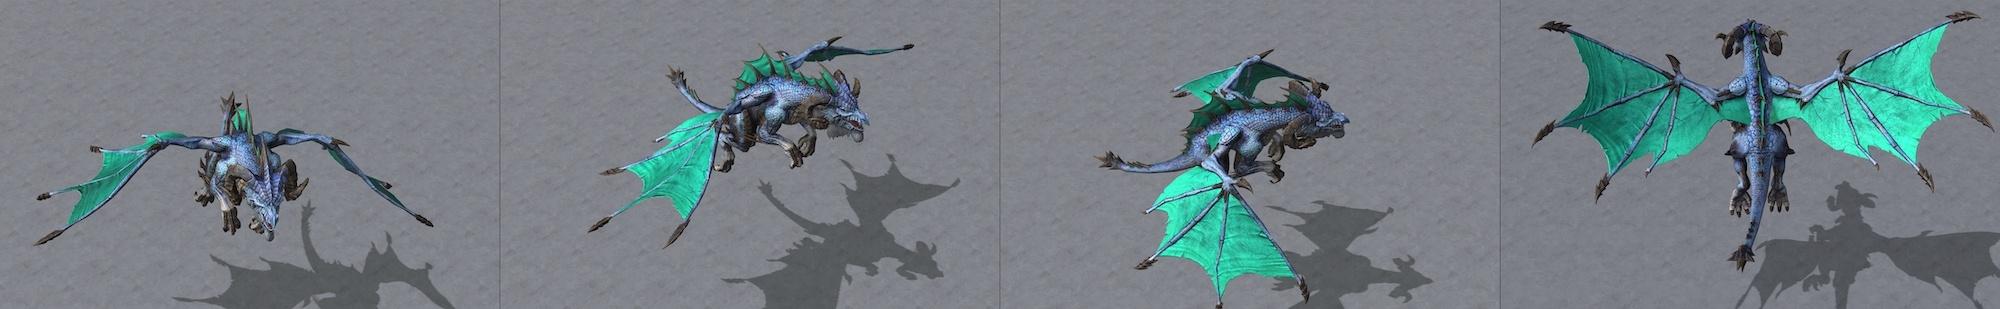 Warcraft III Reforged : Sapphiron